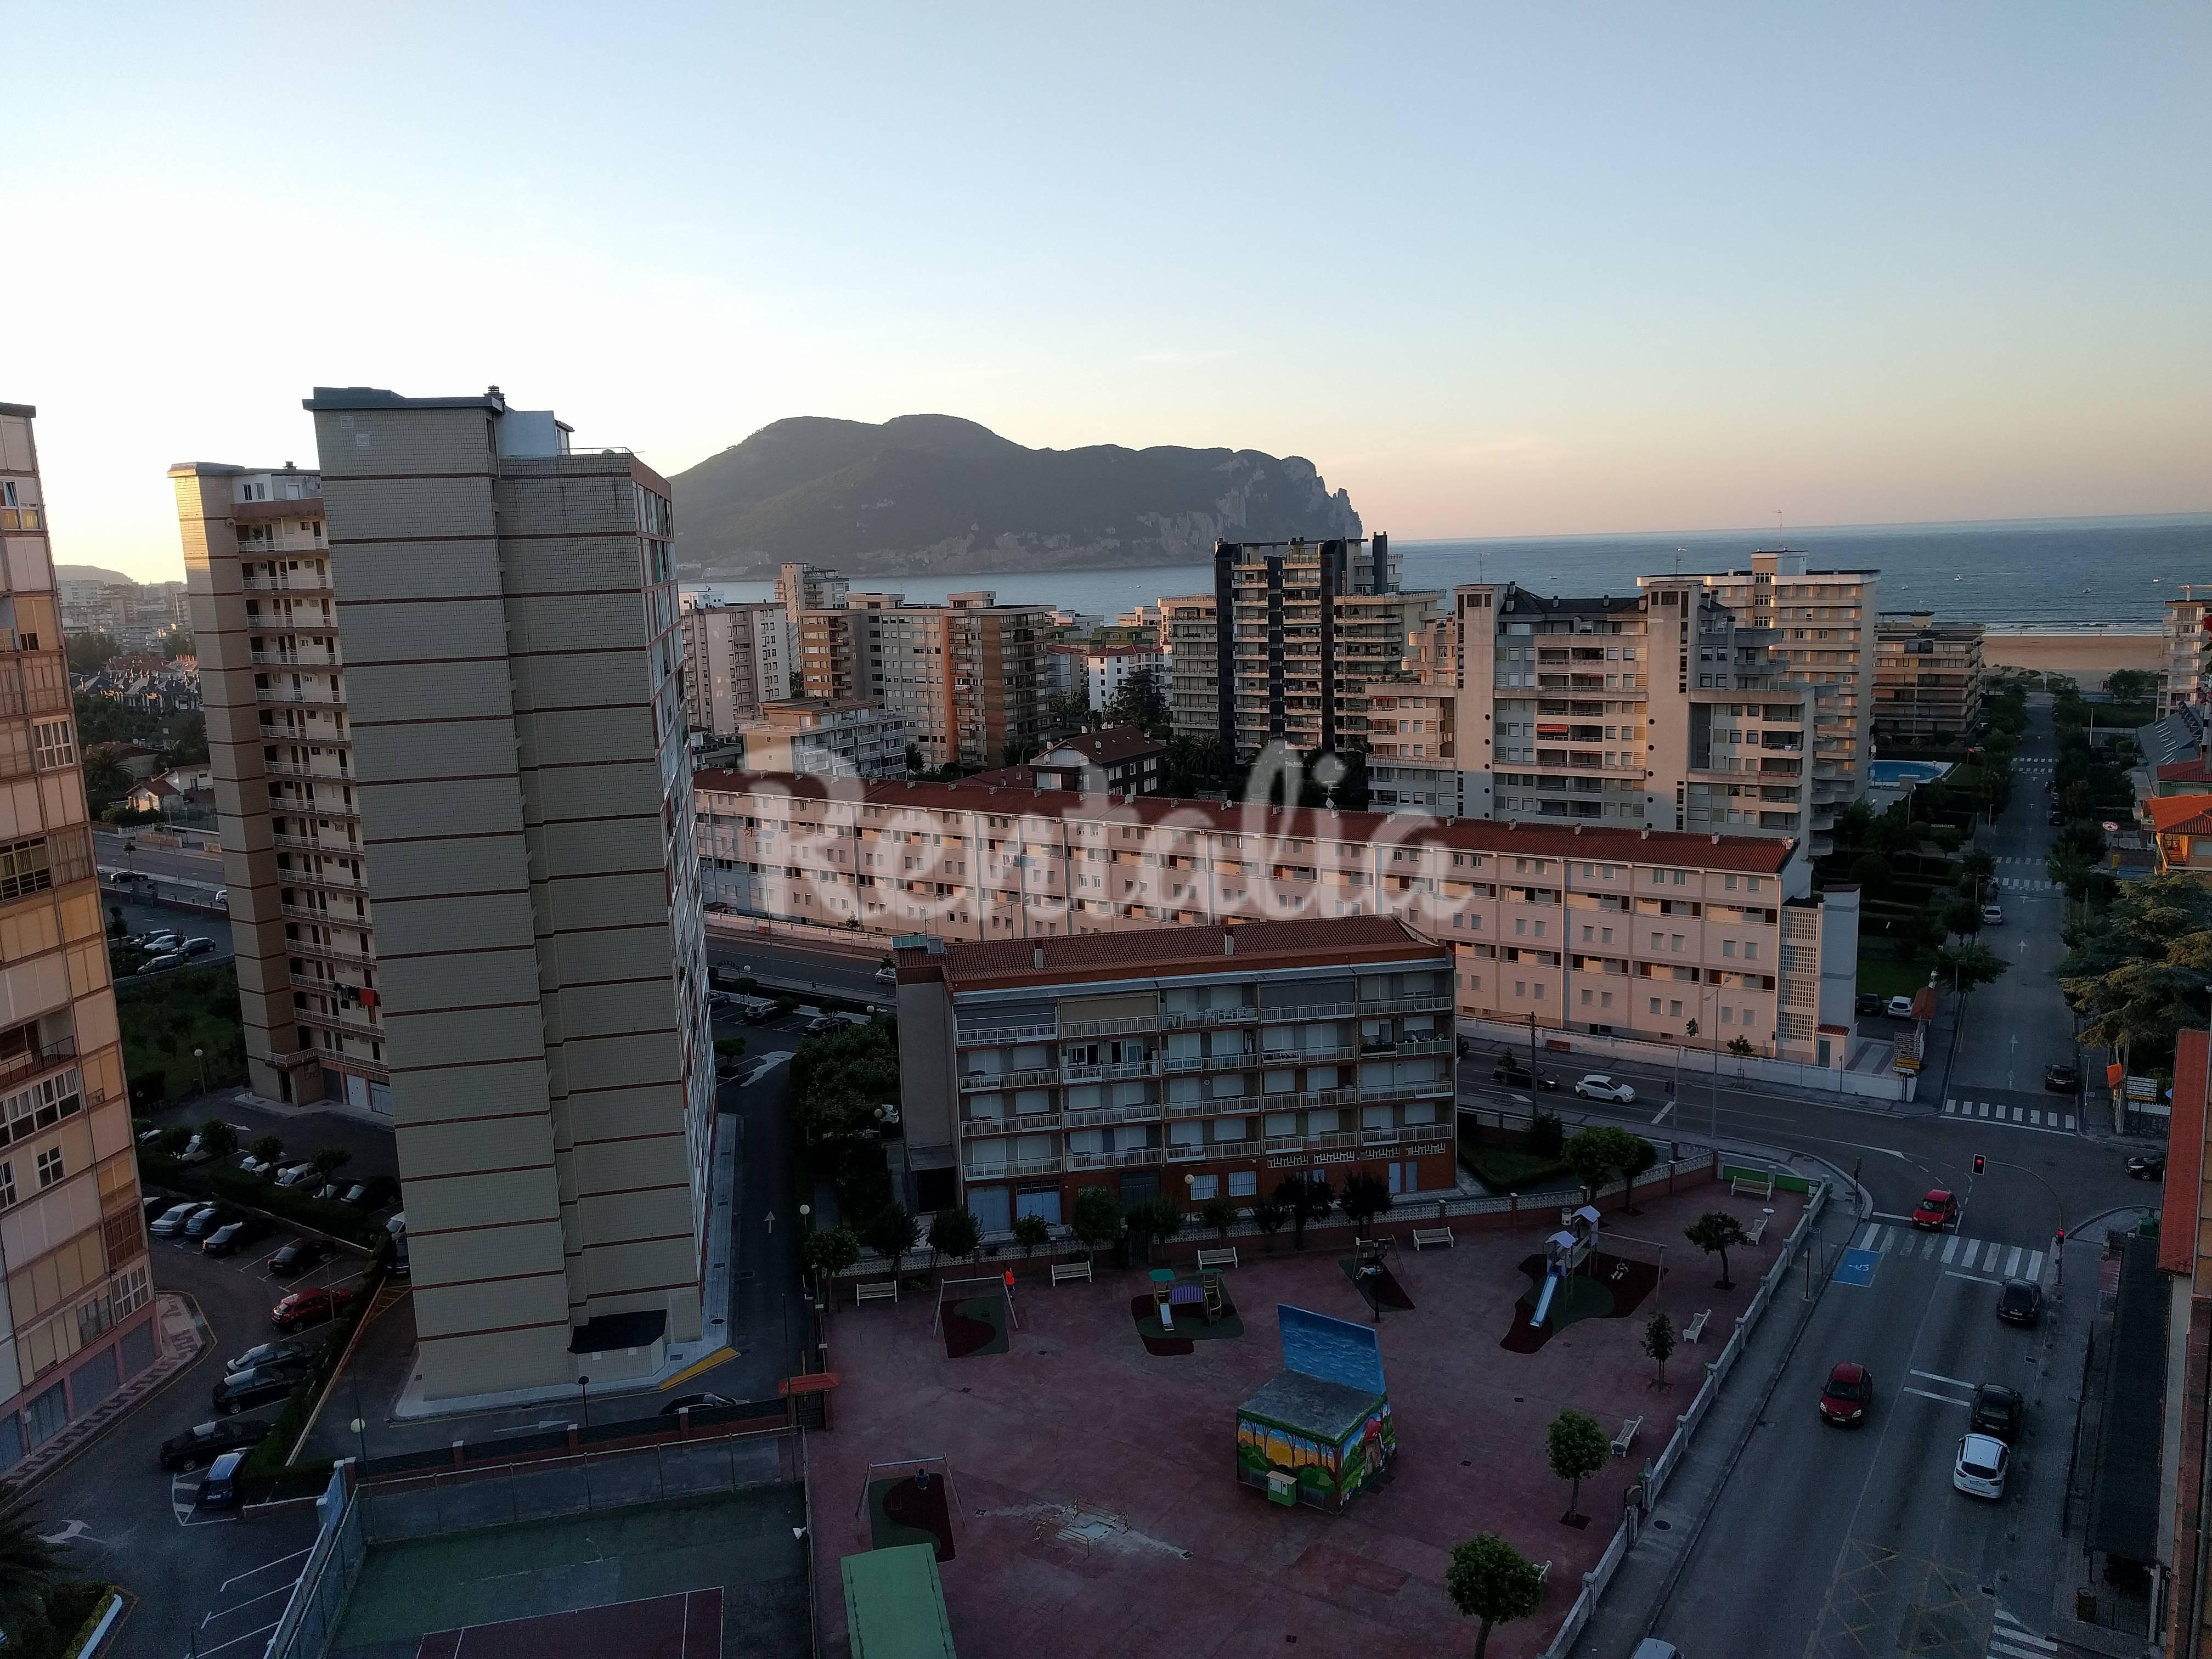 Apartamento en alquiler a 300 m de la playa laredo cantabria camino de santiago del norte - Apartamentos en cantabria playa ...